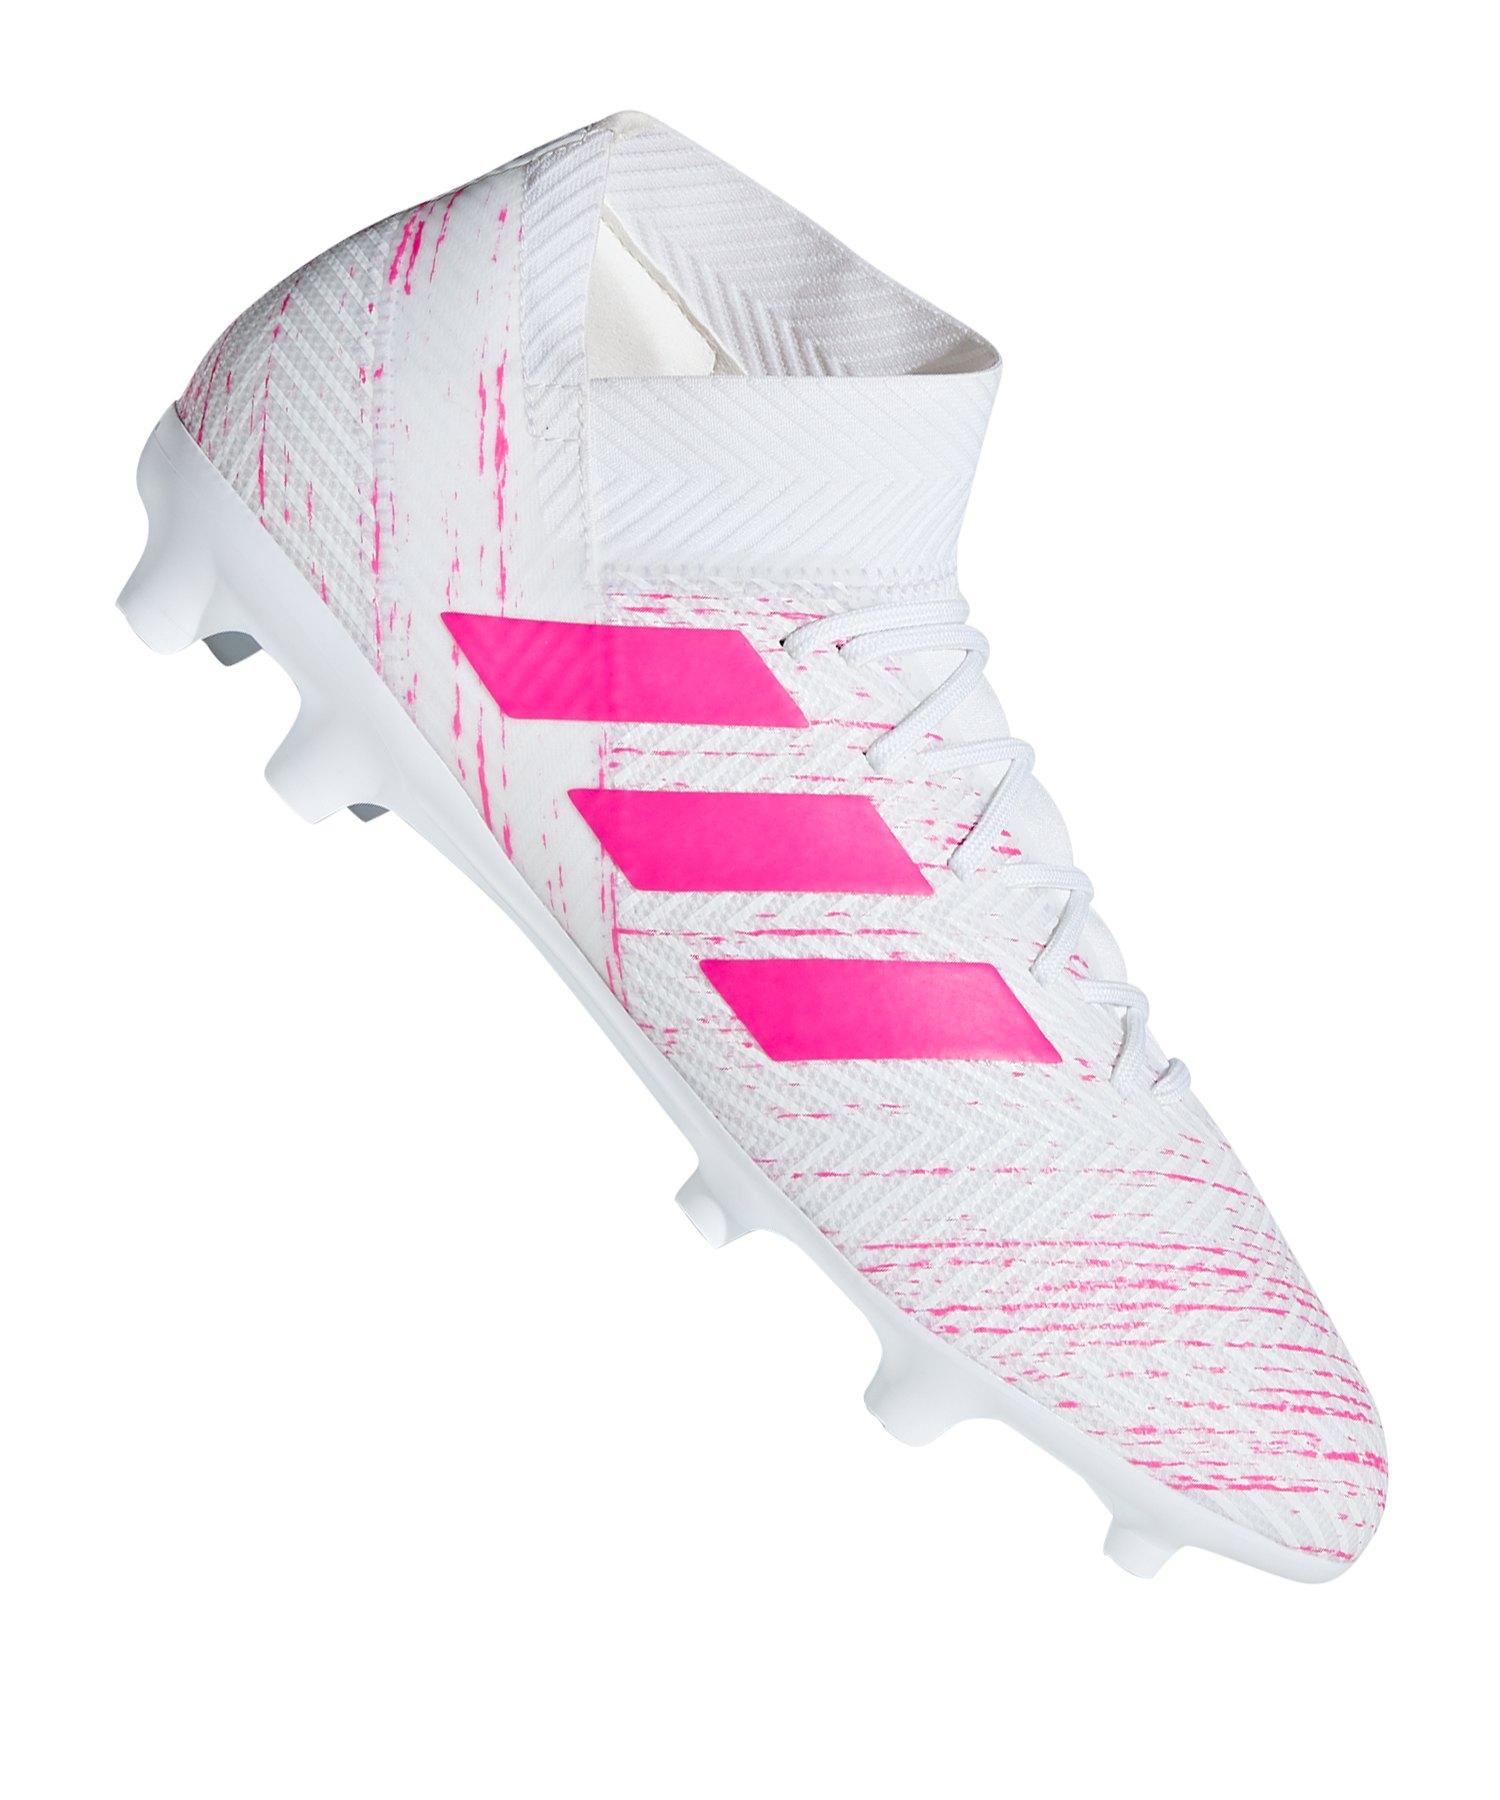 Adidas Nemeziz 18 3 Fg Weiss Pink